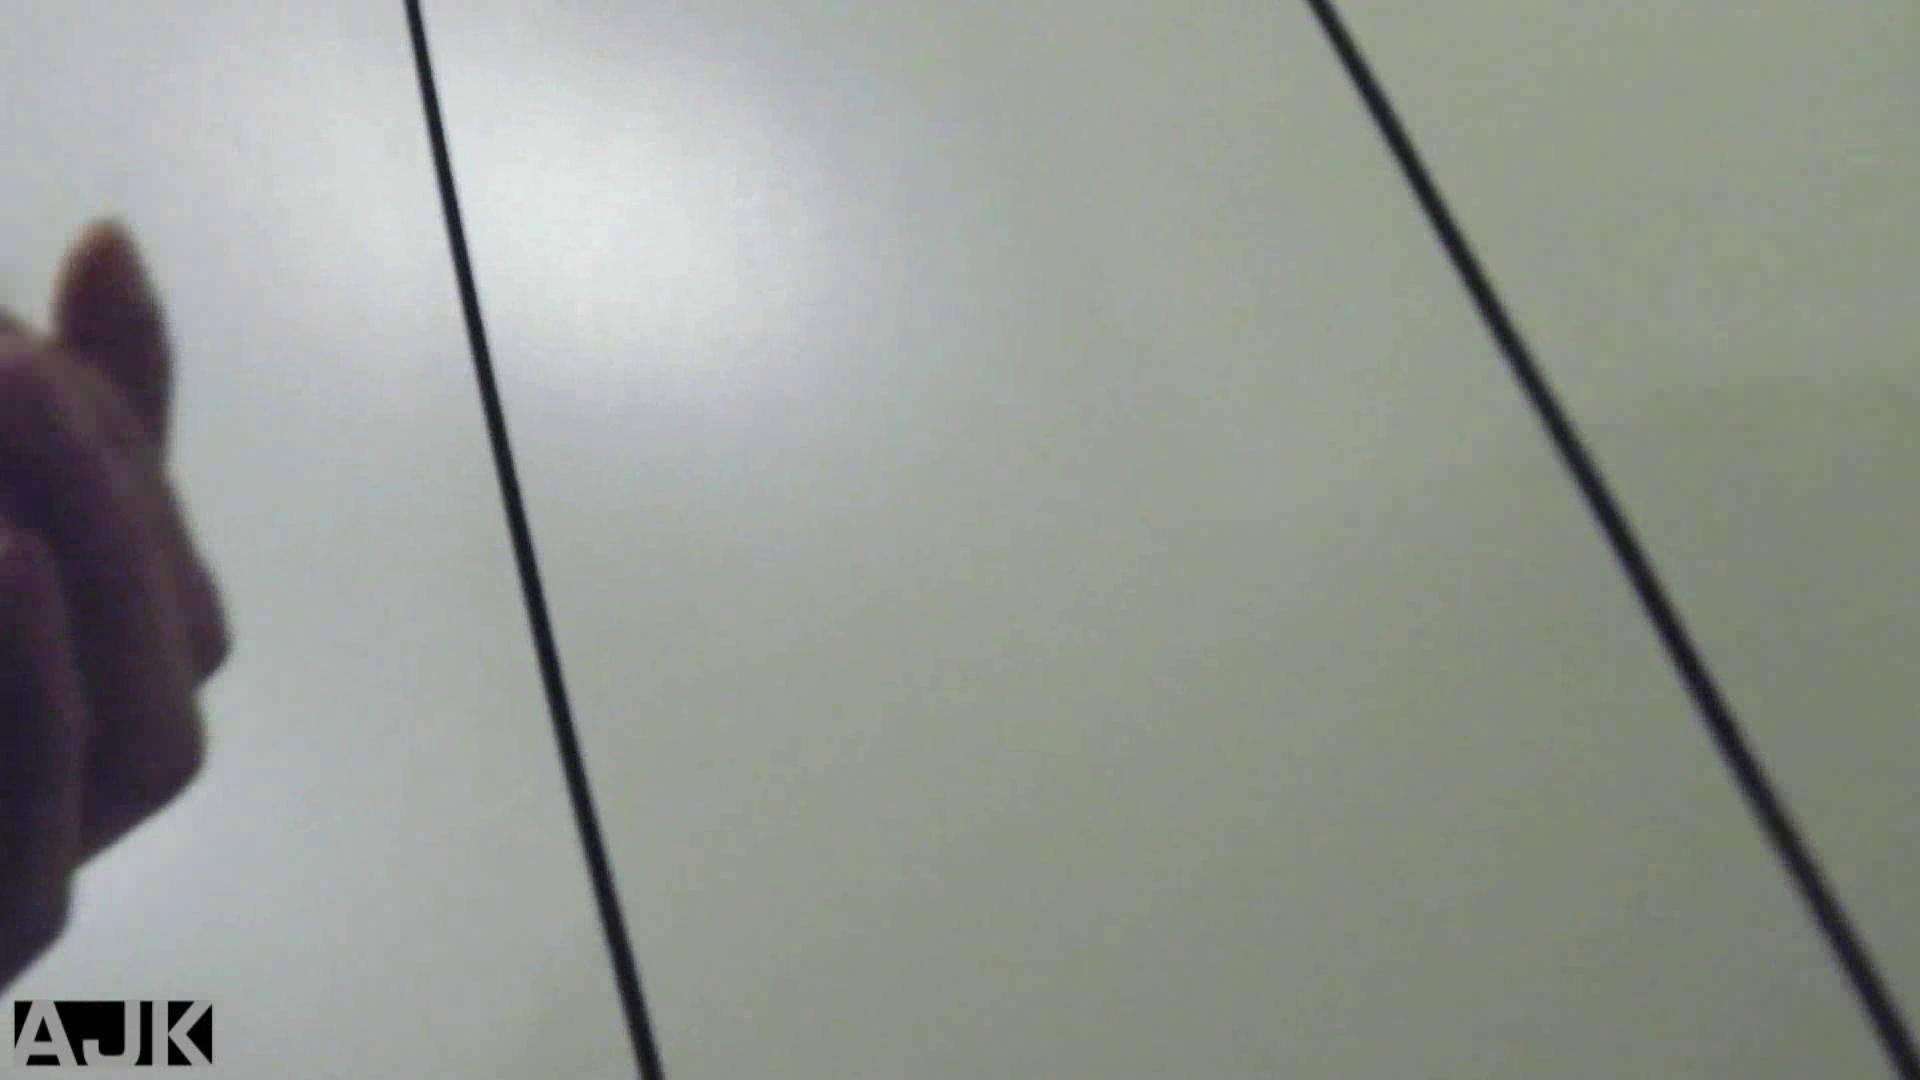 隣国上階級エリアの令嬢たちが集うデパートお手洗い Vol.14 OLの実態 | お手洗い  97pic 27